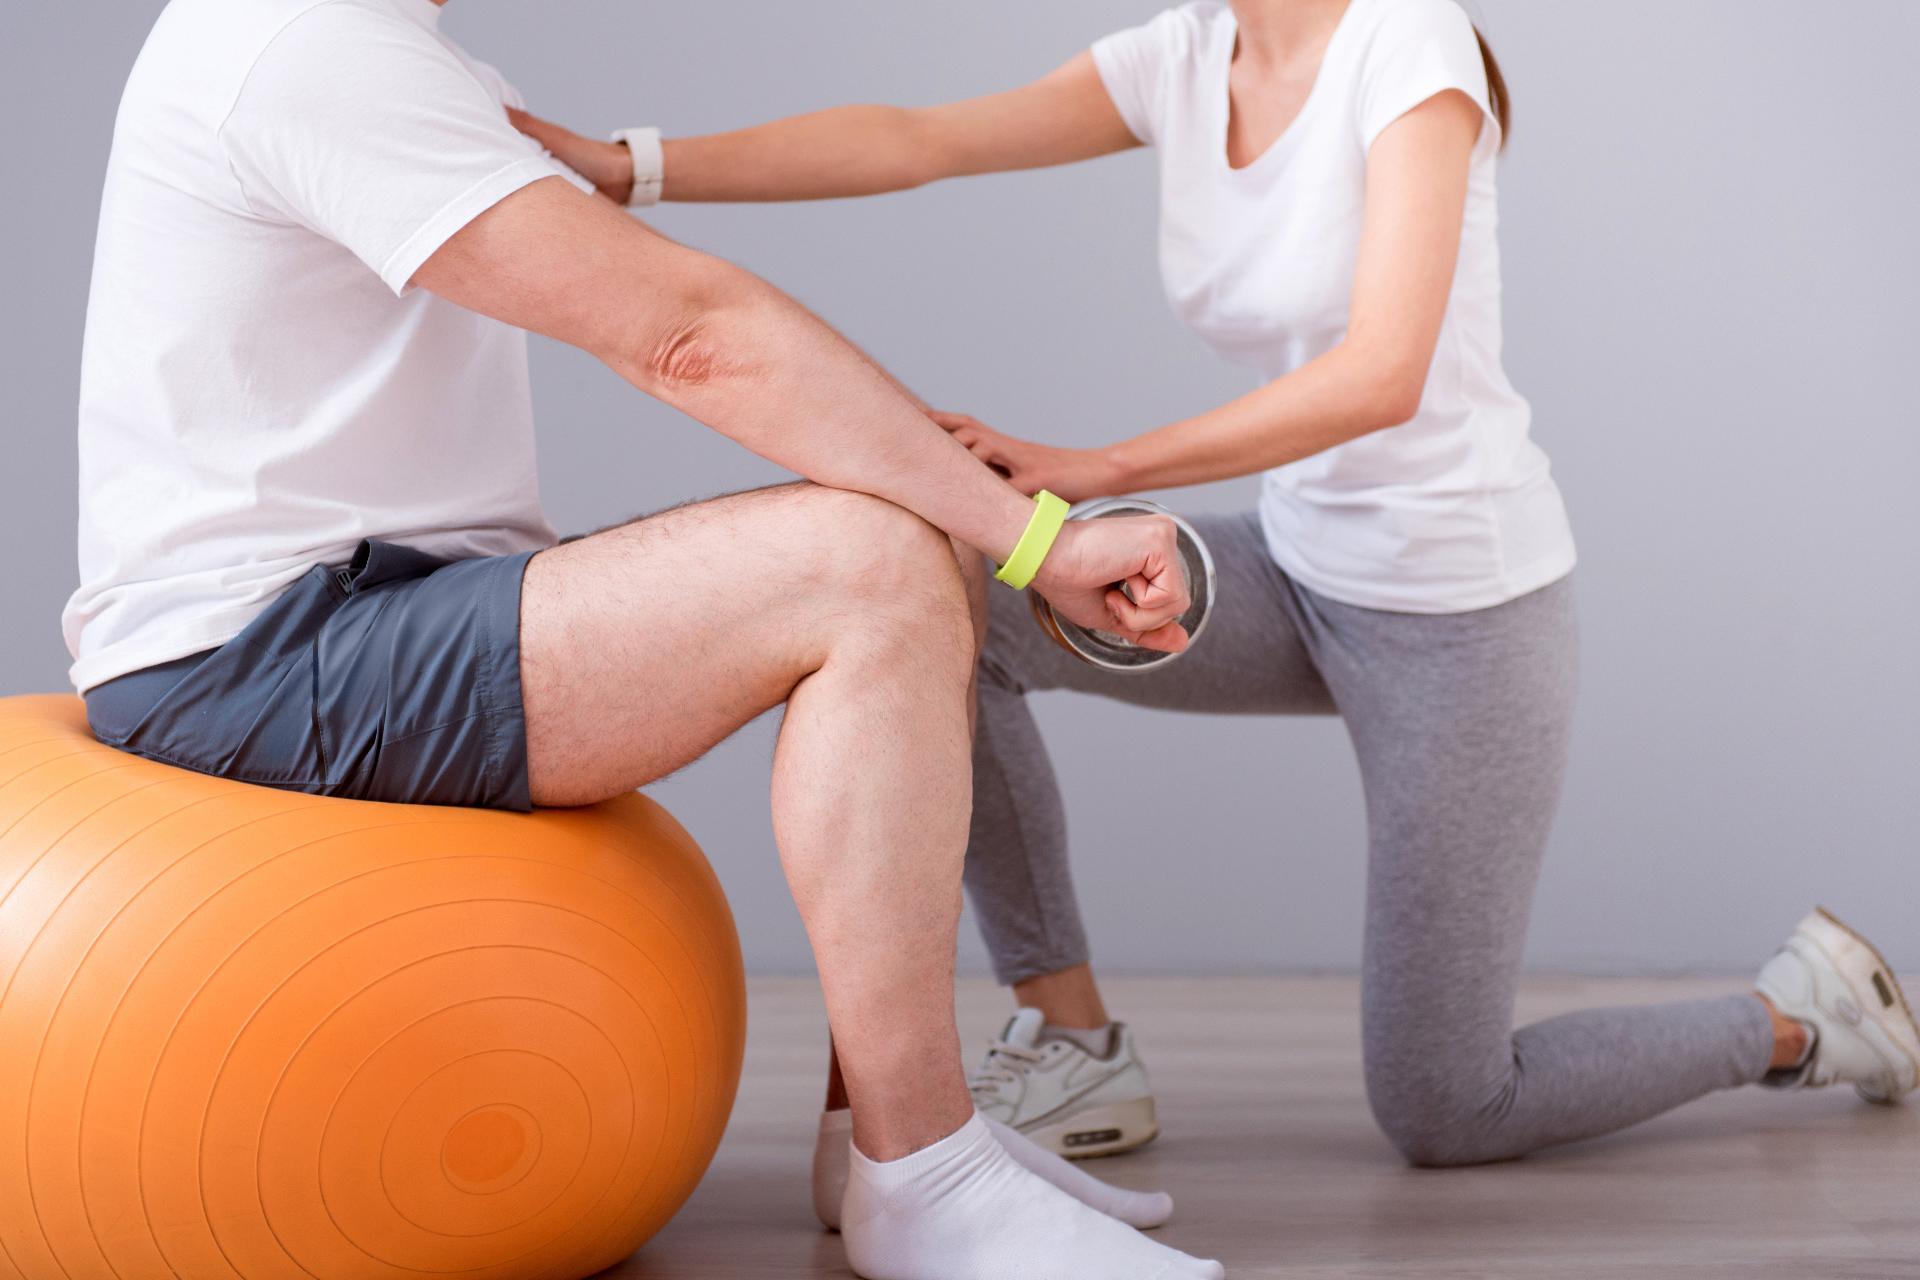 Health Care Fisioterapia Clinica De Fisioterapia